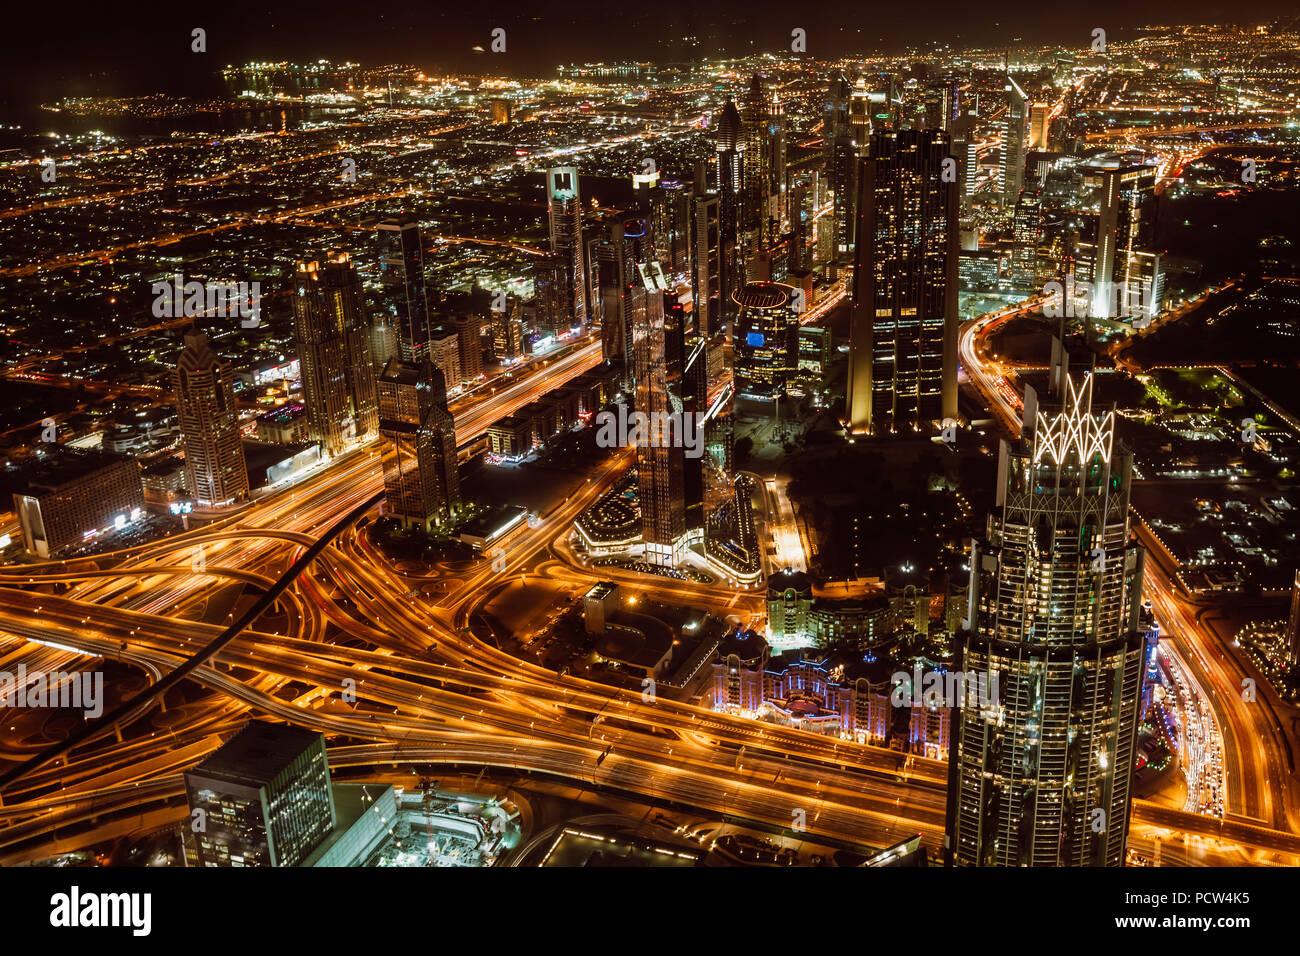 Vista aérea de la ciudad de Dubai y rascacielos en la noche desde la parte superior del Burj Khalifa Imagen De Stock